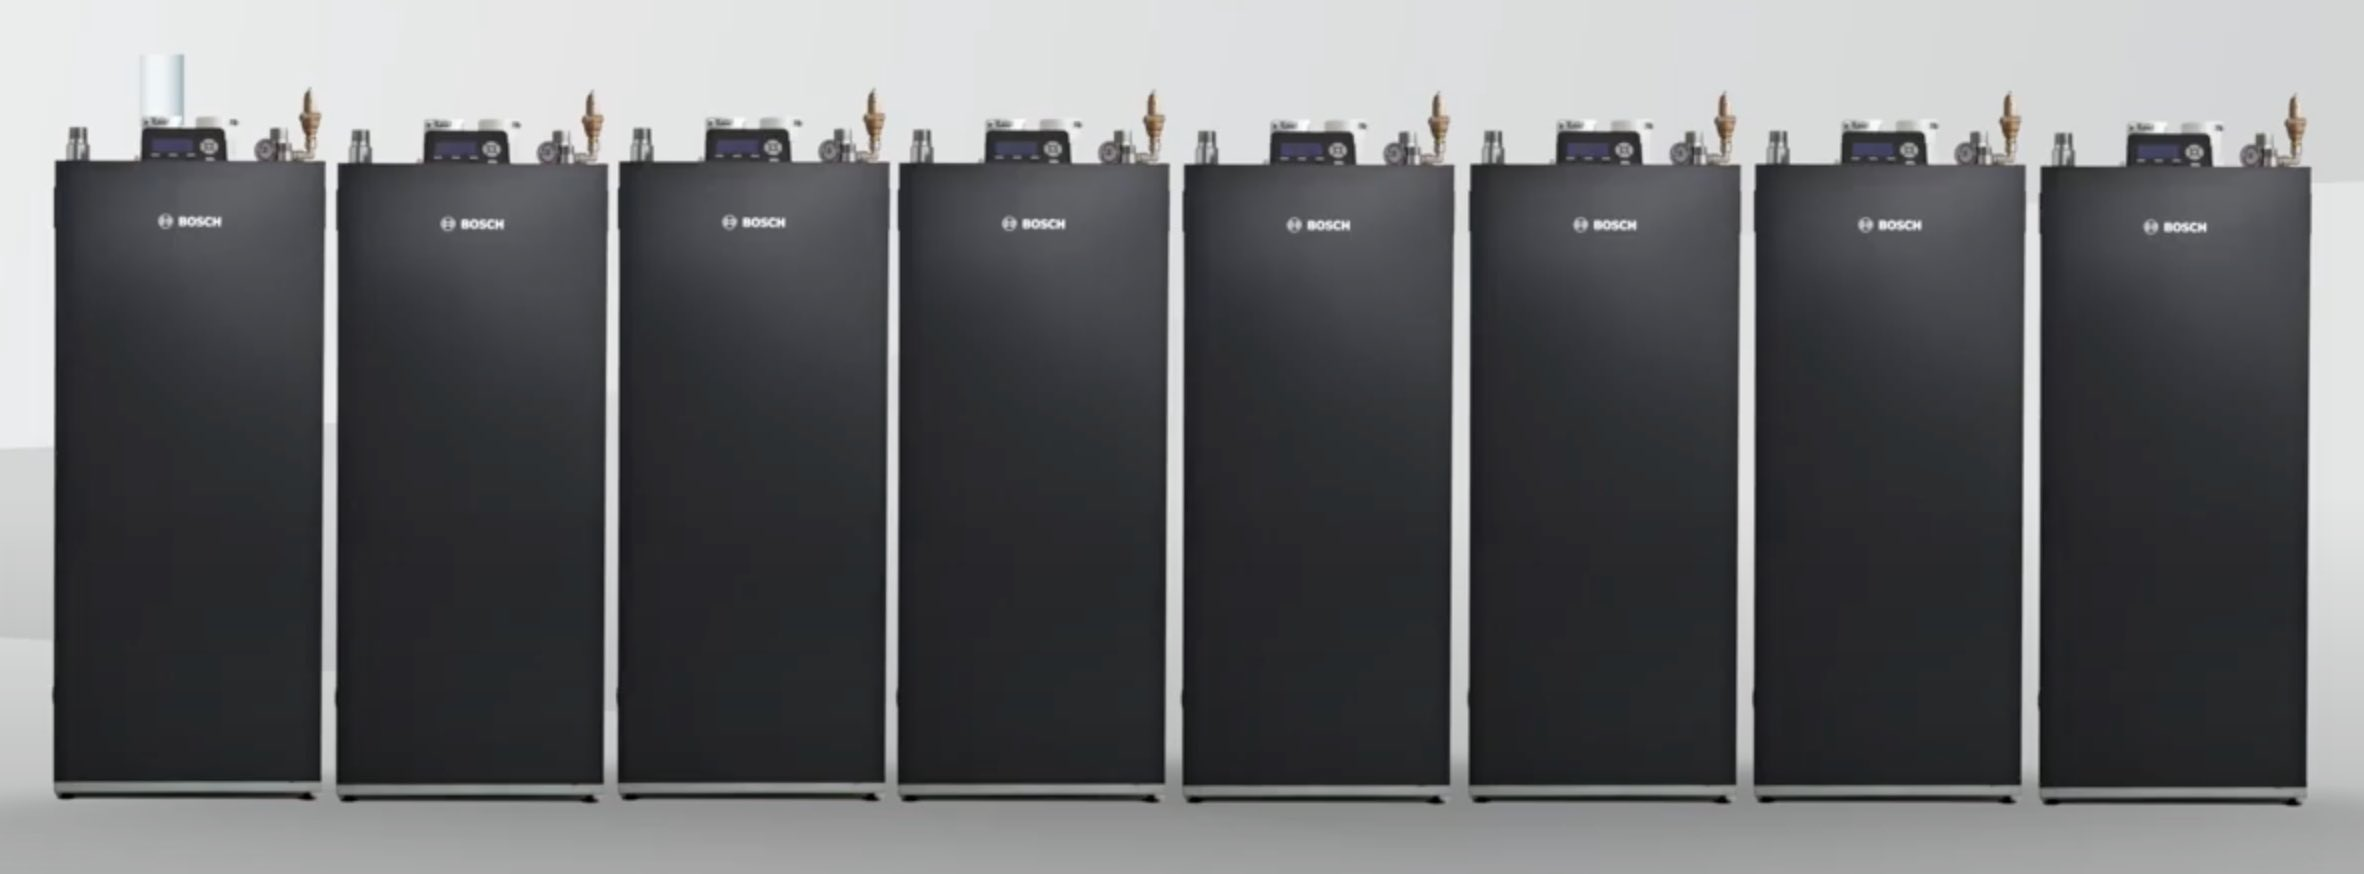 Bosch Modular Boiler